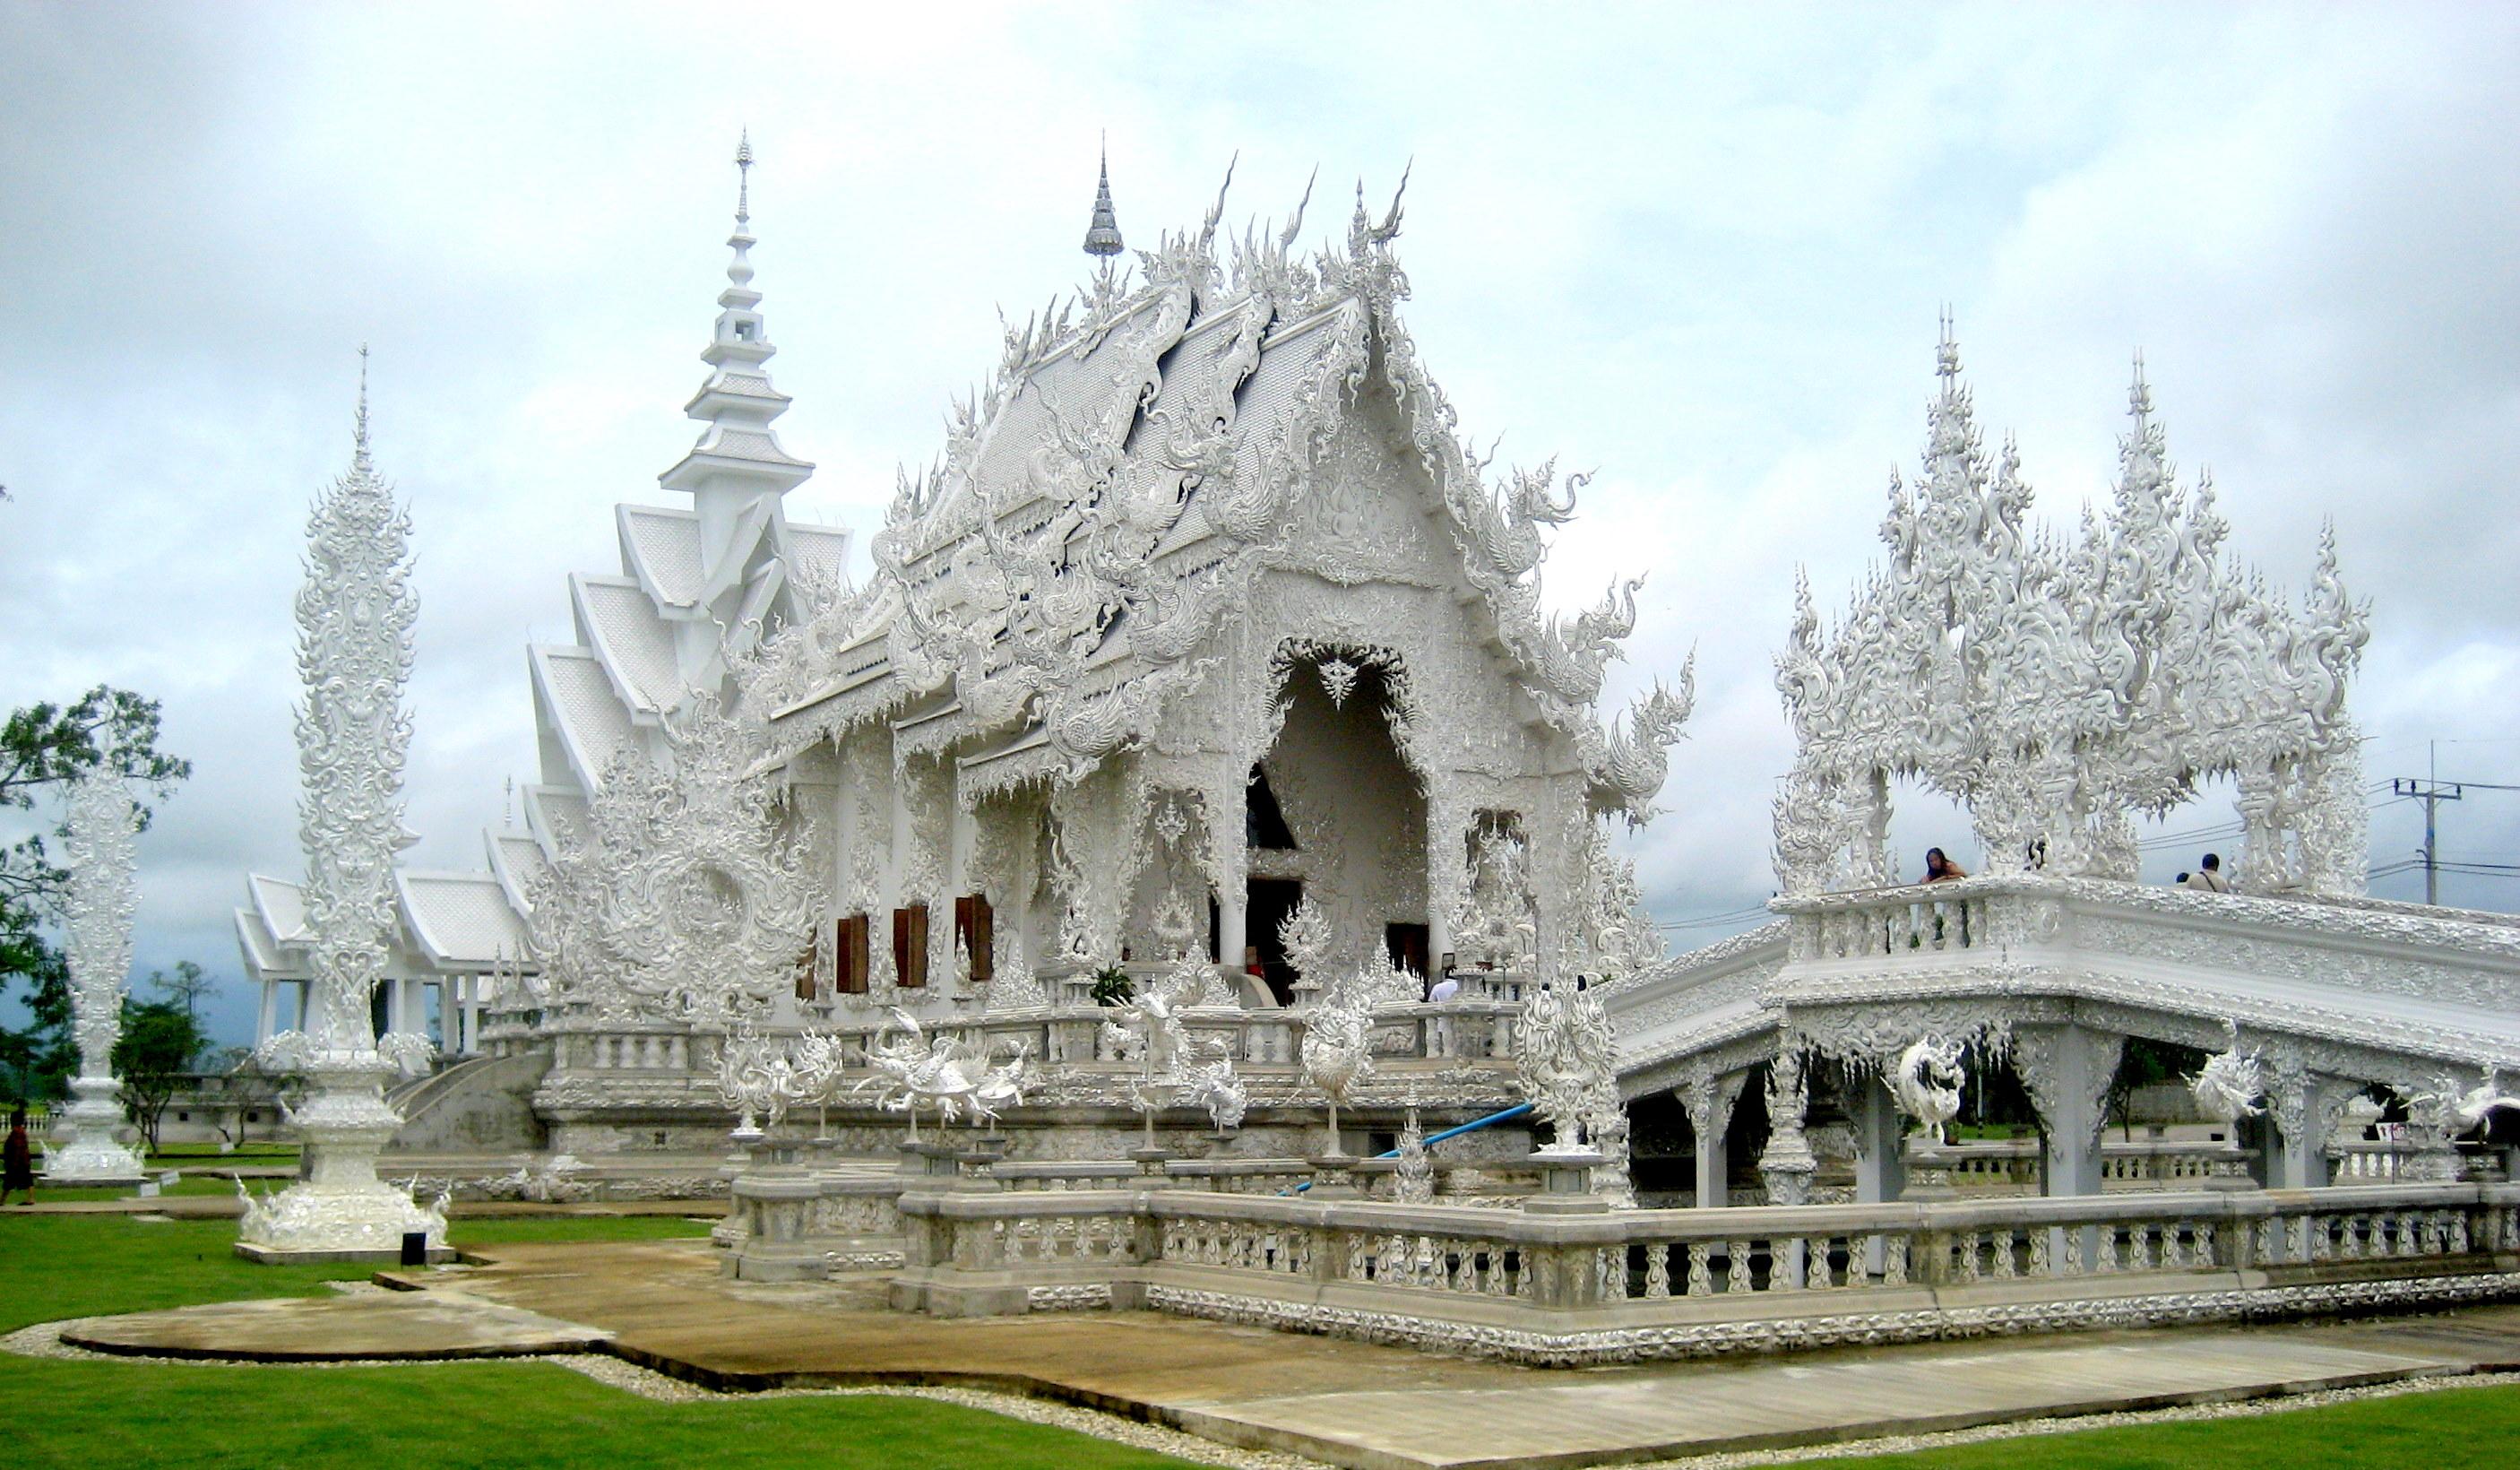 Mặc dù mang trong mình đôi nét cổ quái, song chùa Trắng chỉ mới được xây dựng gần đây vào năm 1997. Ngôi chùa độc đáo này được xây dựng bởi một kiến trúc sư người Thái có tên Chalermchai Kositpipat. N